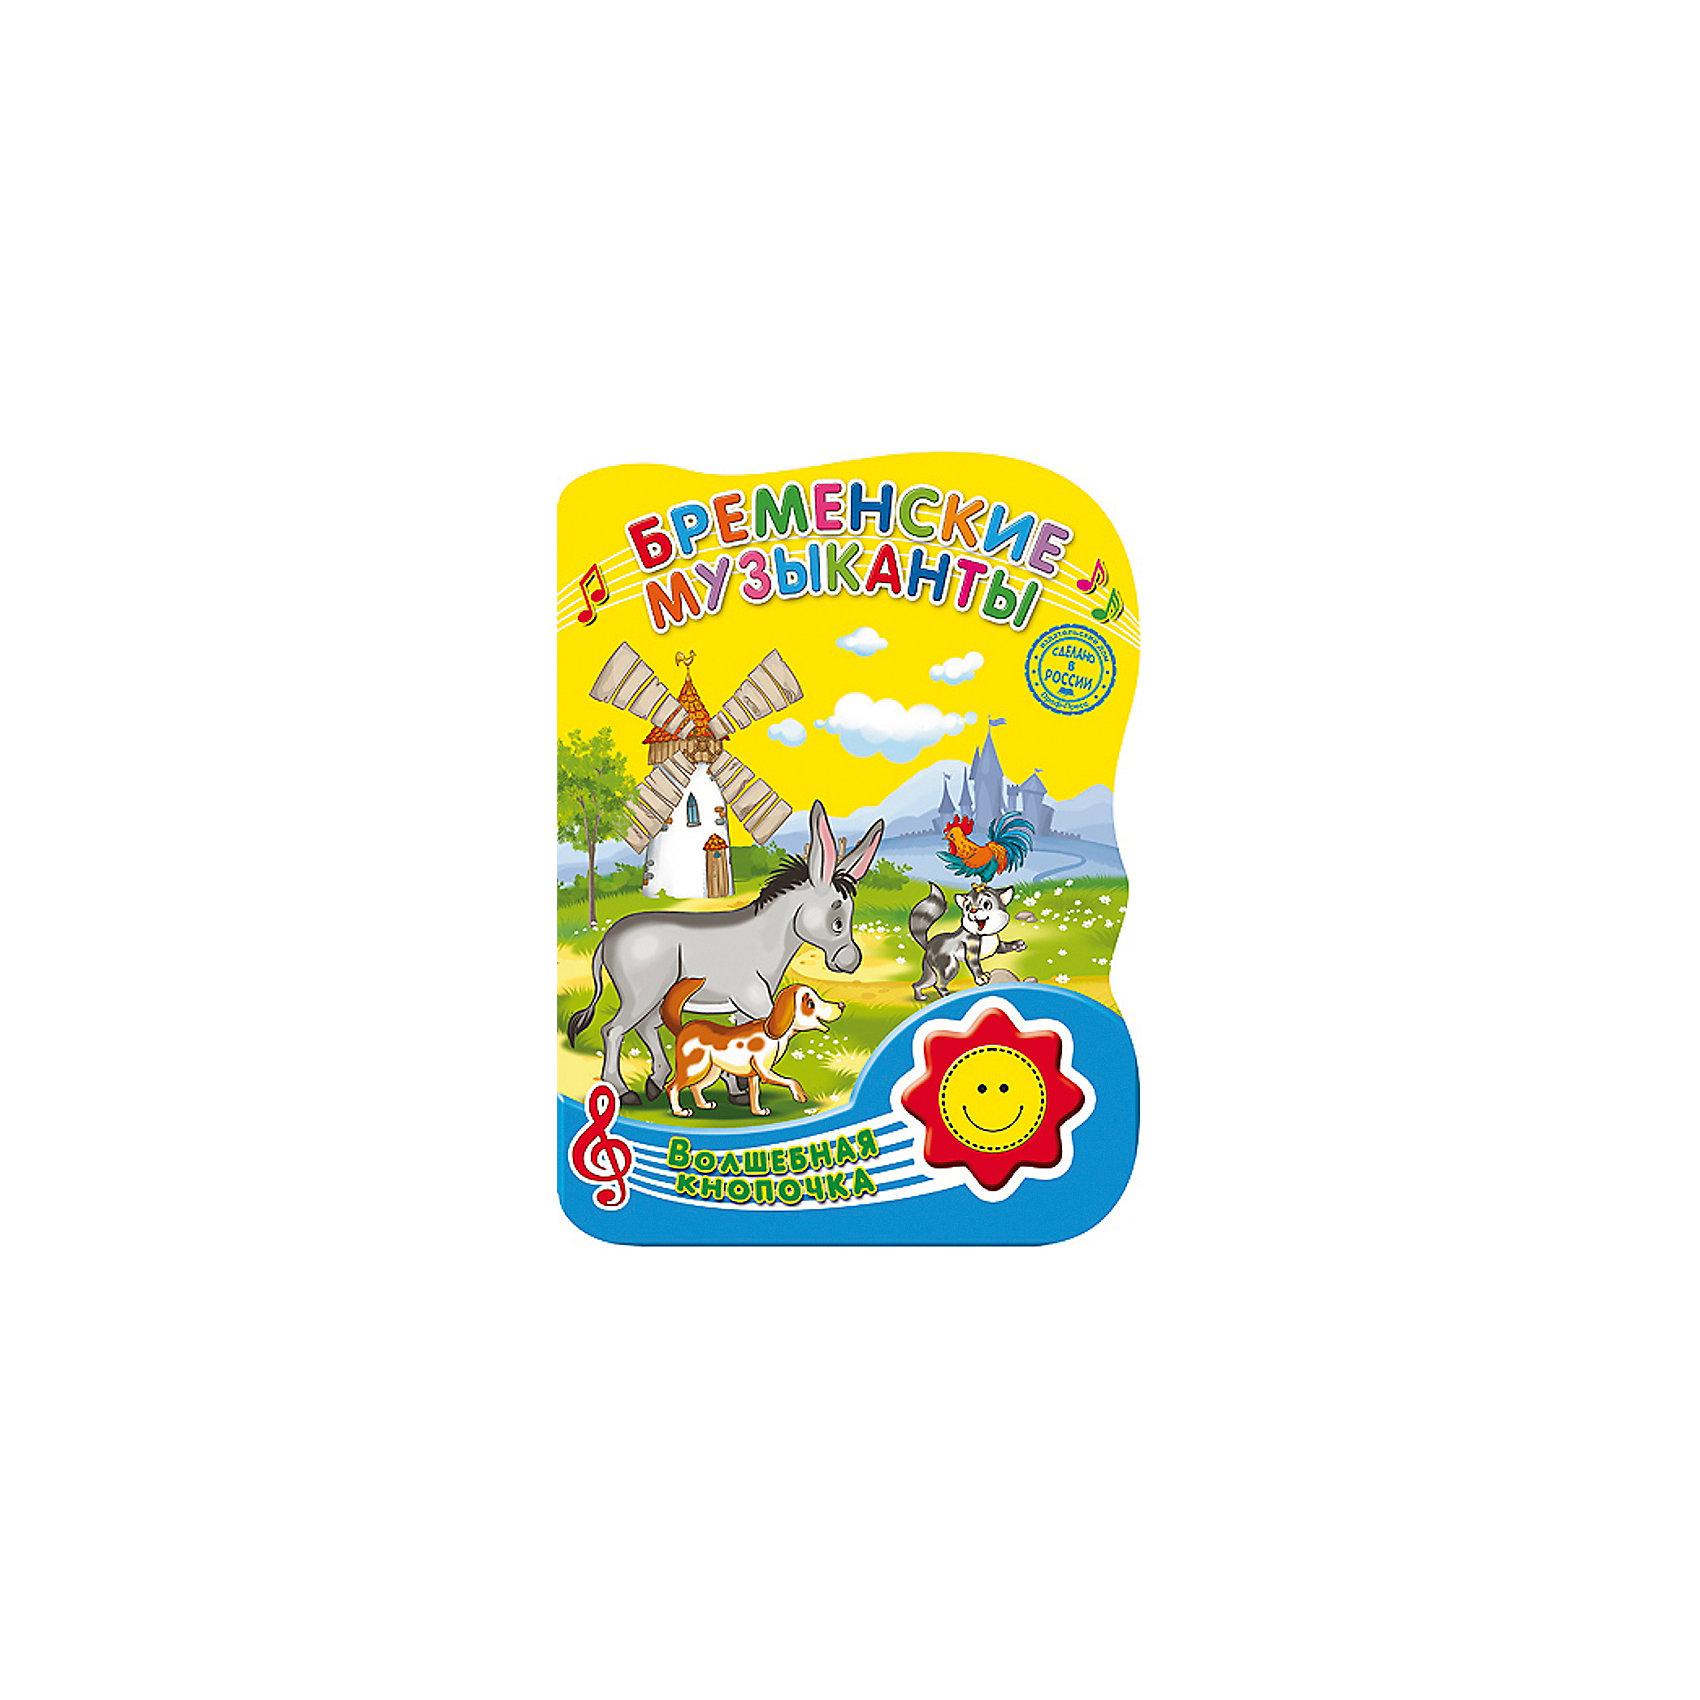 Книга с музыкальным модулем Бременские музыкантыМузыкальные книги<br>Книжки серии Волшебная кнопочка обязательно придутся по вкусу вашему малышу. В них карапуз найдет столько всего нового и интересного! Яркие, красочные картинки привлекут внимание и заинтересуют кроху, а веселые песенки поднимут настроение и не дадут скучать!<br><br>Дополнительная информация:<br><br>Автор: Гримм Якоб и Вильгельм<br>Художник: Колыванова Татьяна<br>Редактор: Полевой П. Н.<br>Переплет: картон<br>Страниц: 10<br>Формат: 155х210 мм<br><br>Книгу с музыкальным модулем Бременские музыканты можно купить в нашем магазине.<br><br>Ширина мм: 155<br>Глубина мм: 10<br>Высота мм: 210<br>Вес г: 200<br>Возраст от месяцев: 36<br>Возраст до месяцев: 72<br>Пол: Унисекс<br>Возраст: Детский<br>SKU: 4612635